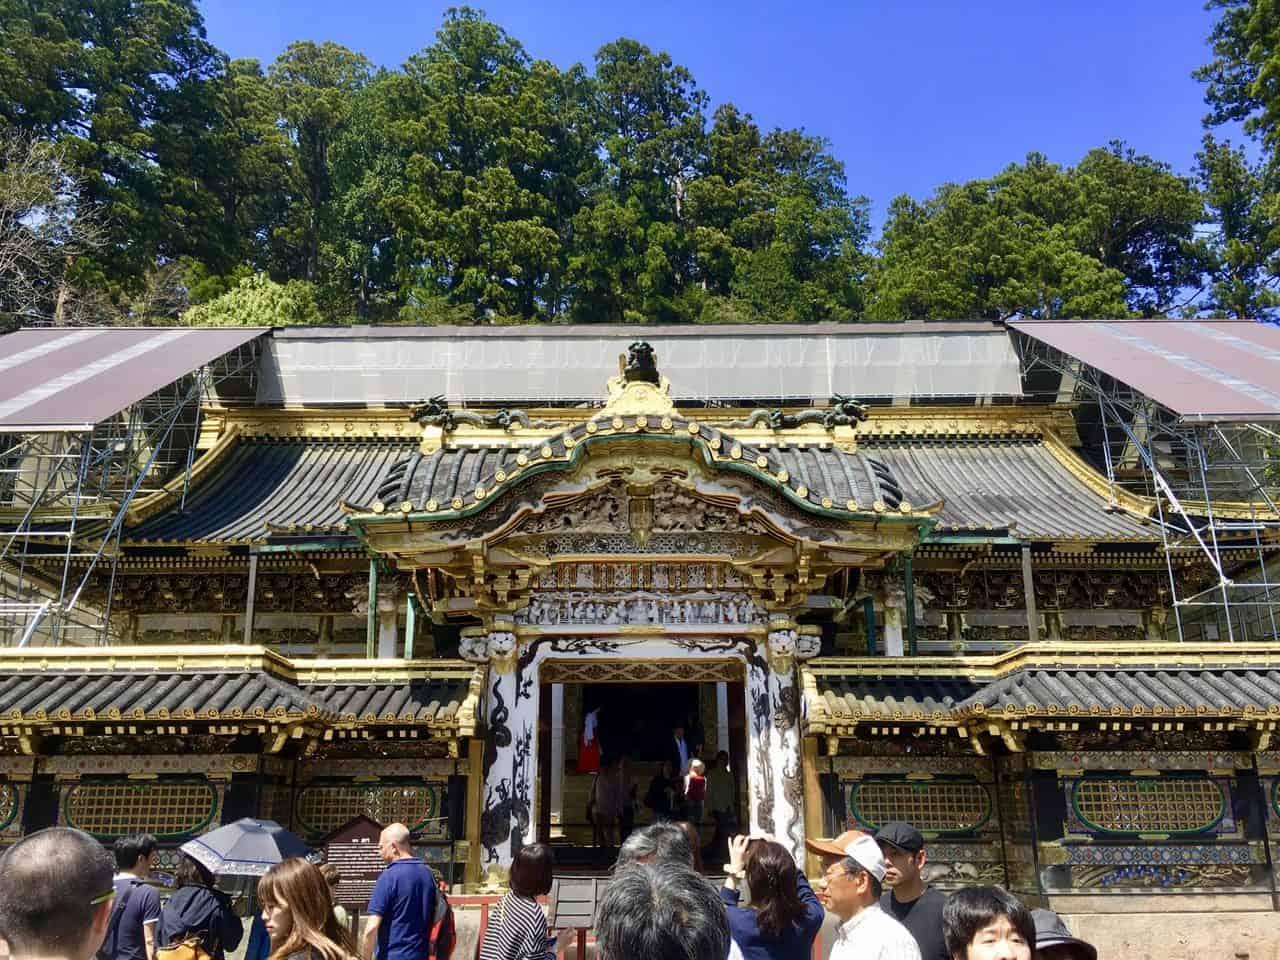 Entdecken Sie Nikko Toshogu – Ein Schrein mit einer 400 Jahre alten Geschichte